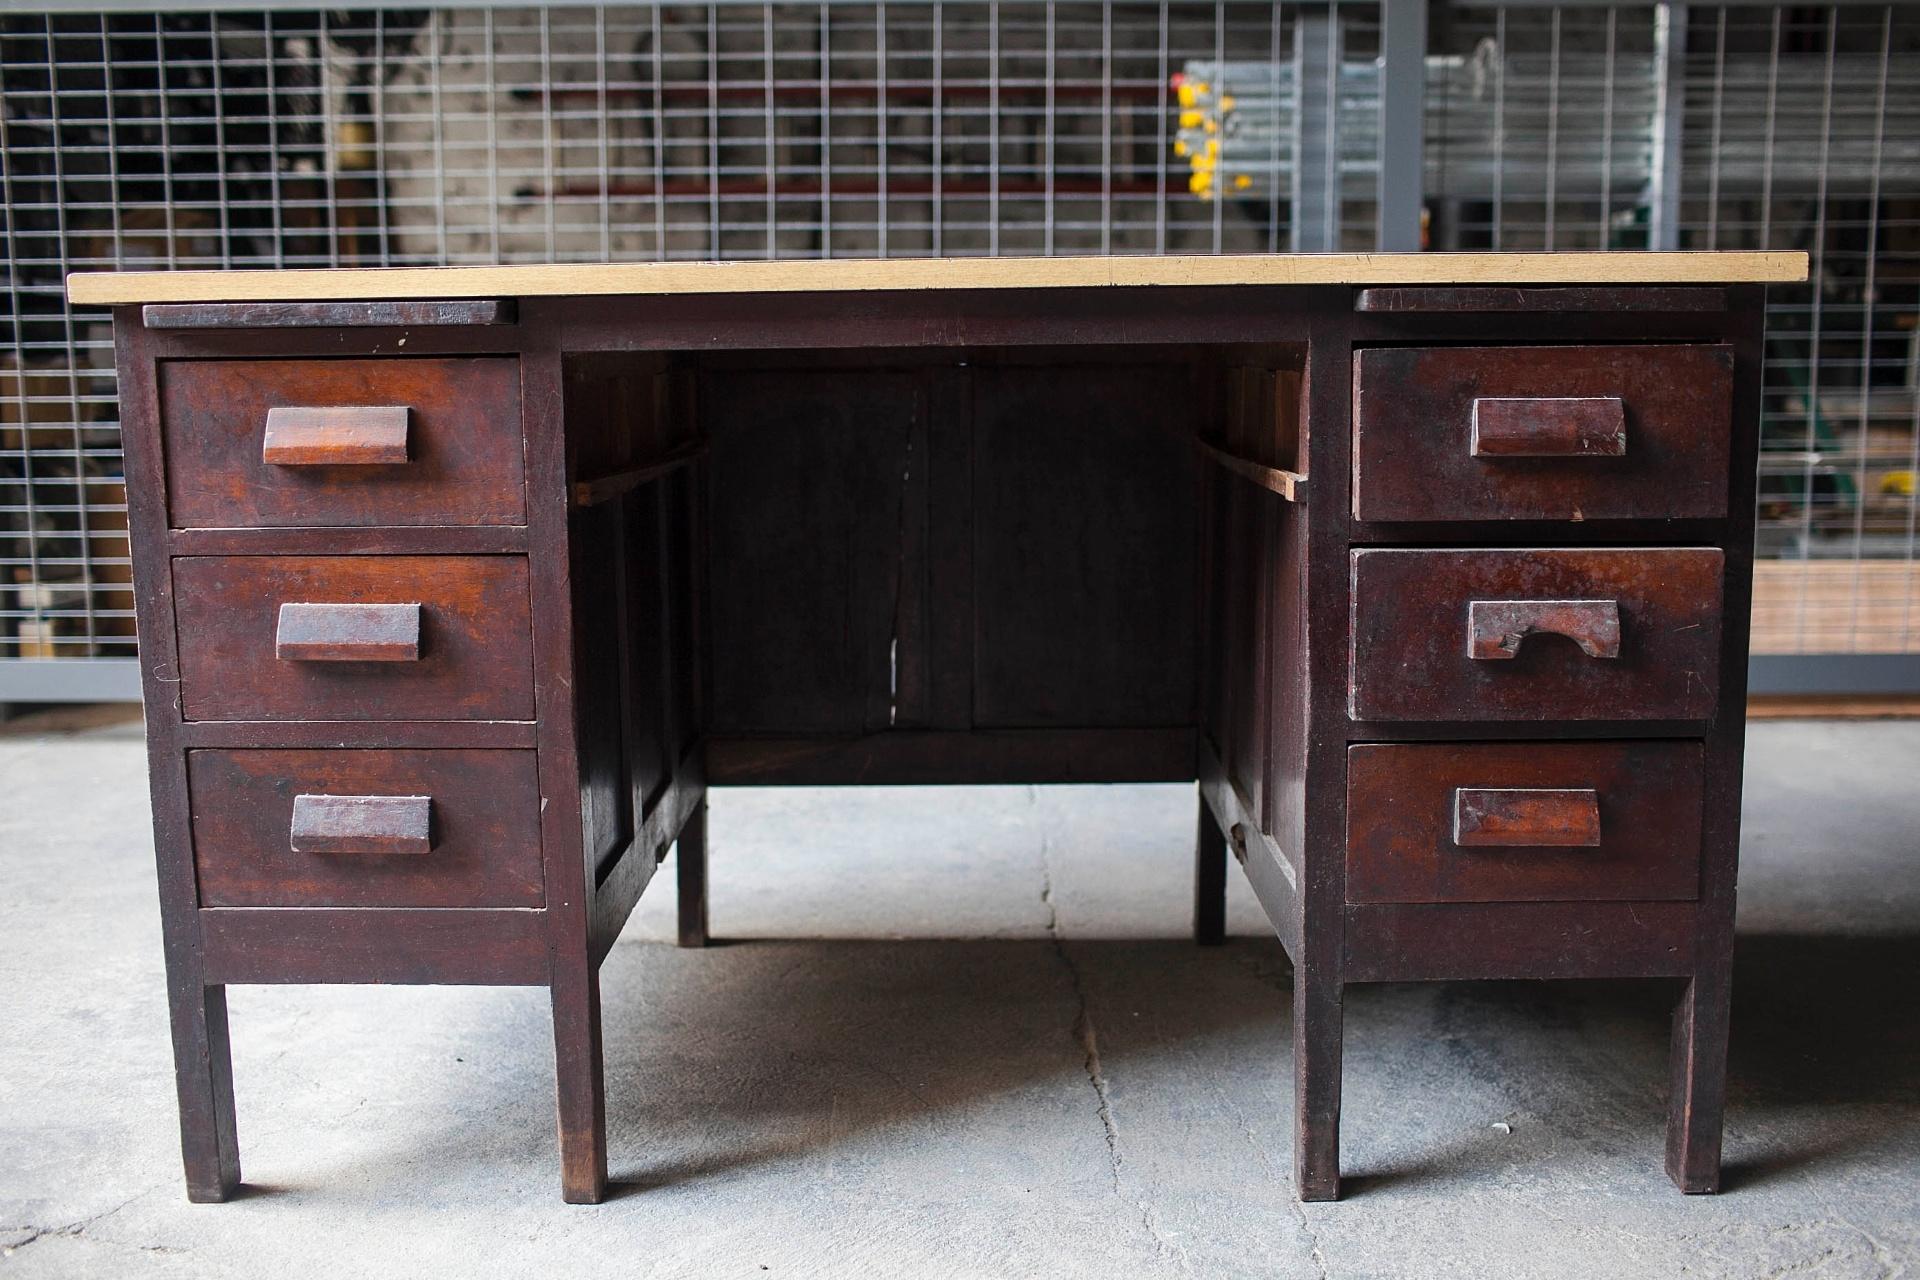 Fotos: Transforme uma escrivaninha antiga em uma cômoda para o quarto  #996D32 1920x1280